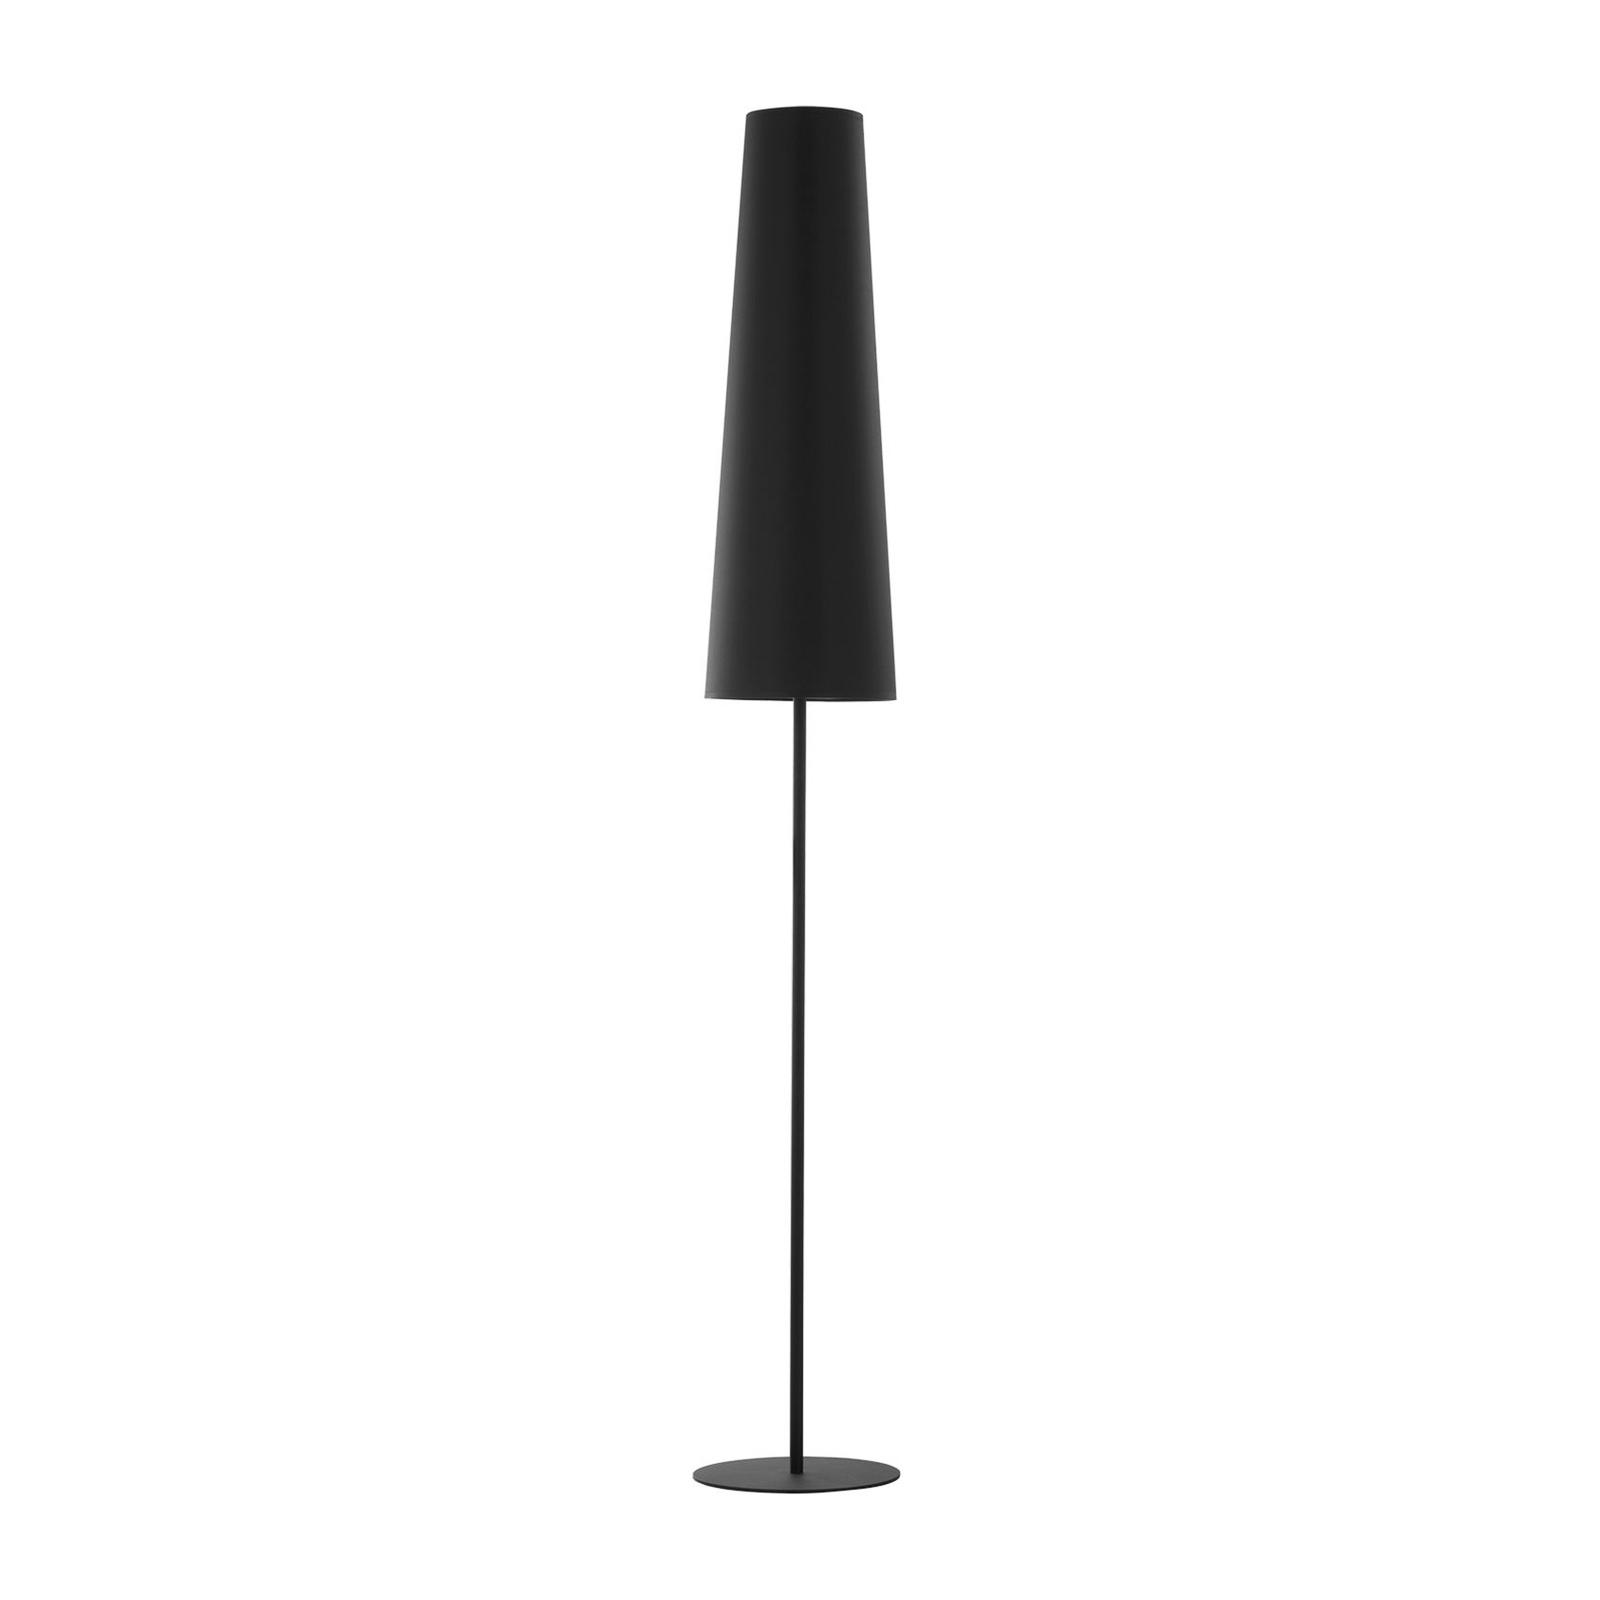 Stehleuchte Umbrella, Höhe 168 cm, schwarz